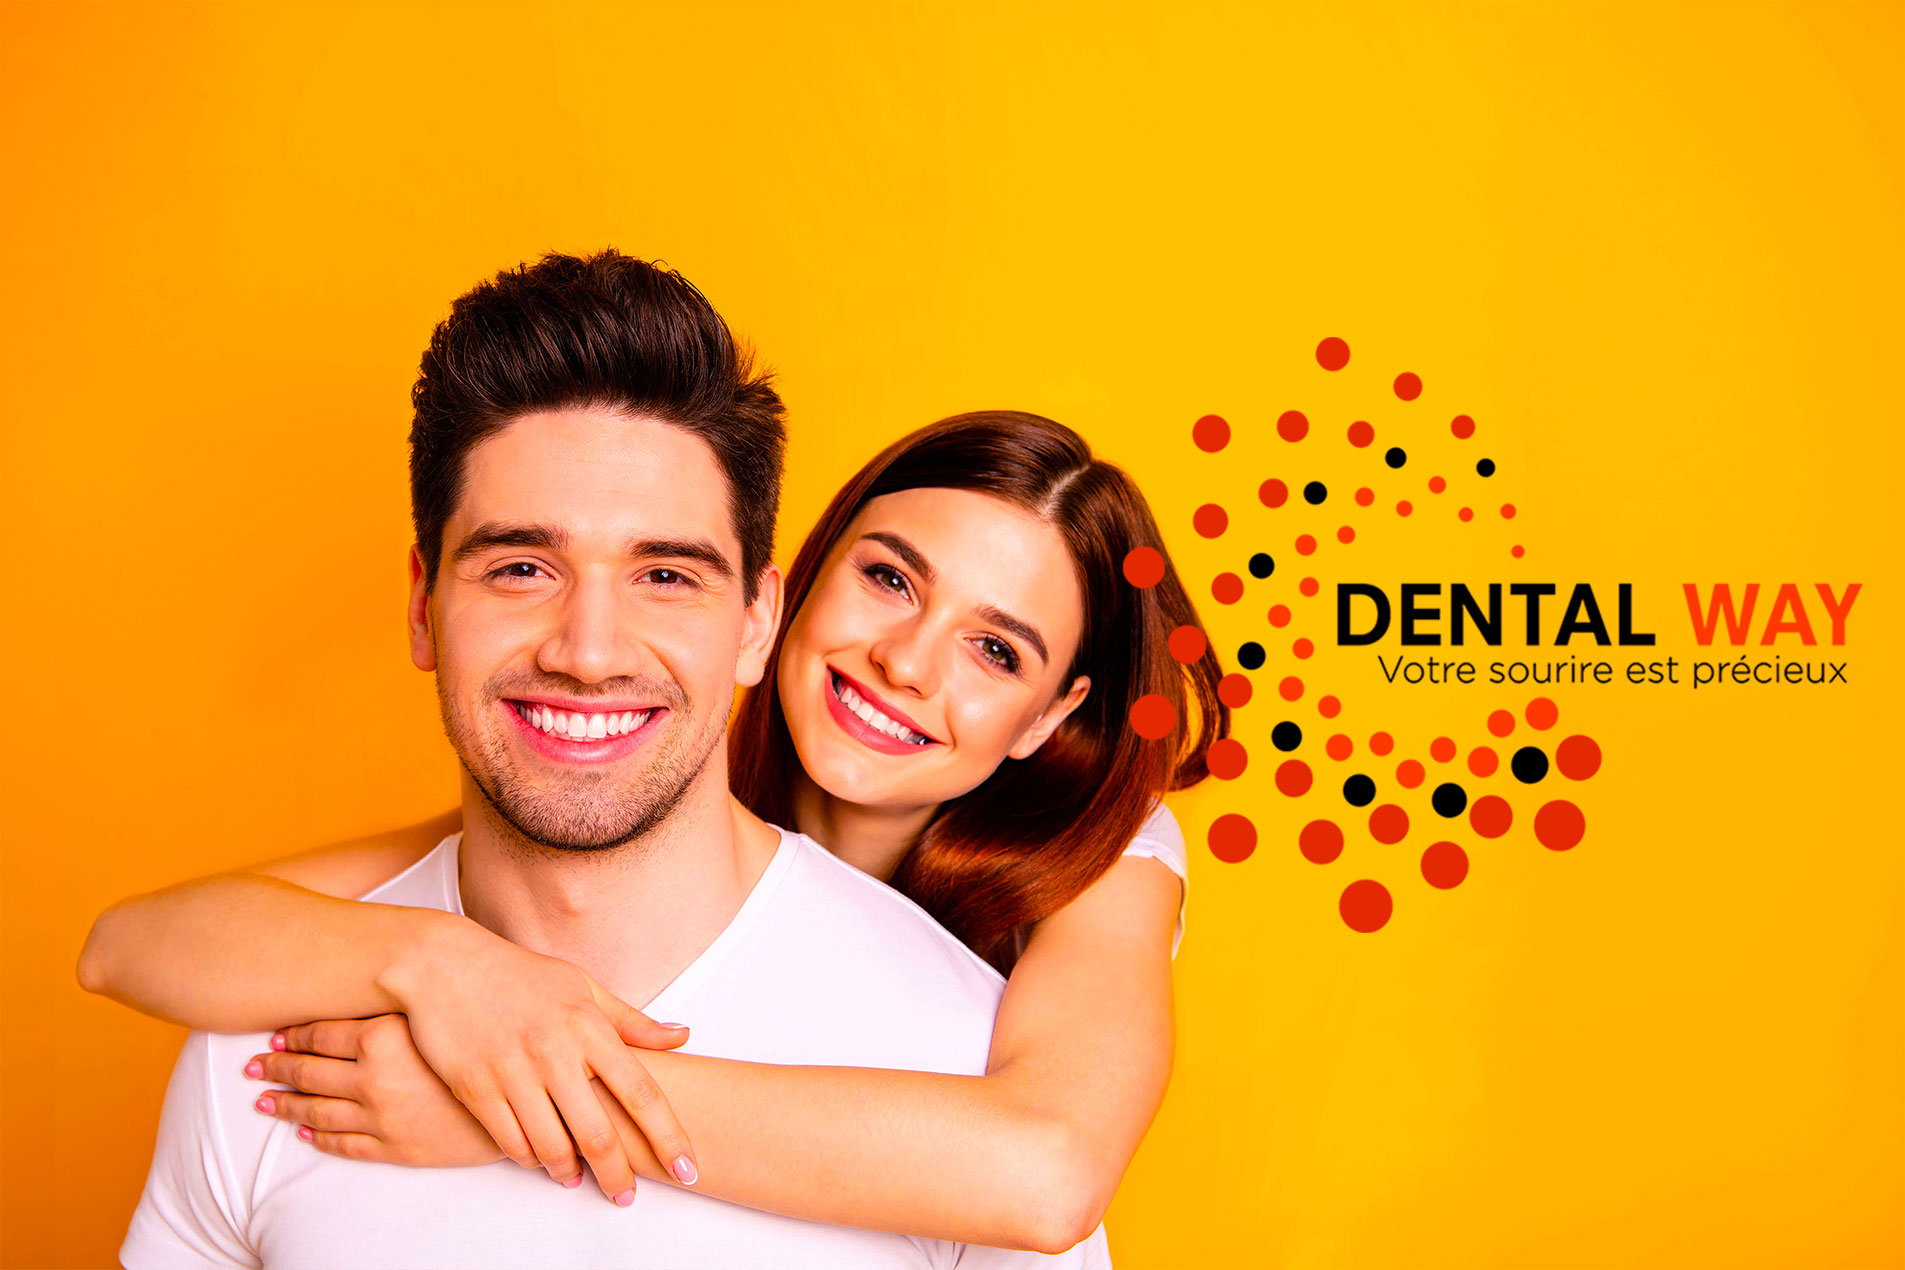 dentisterie-esthetique